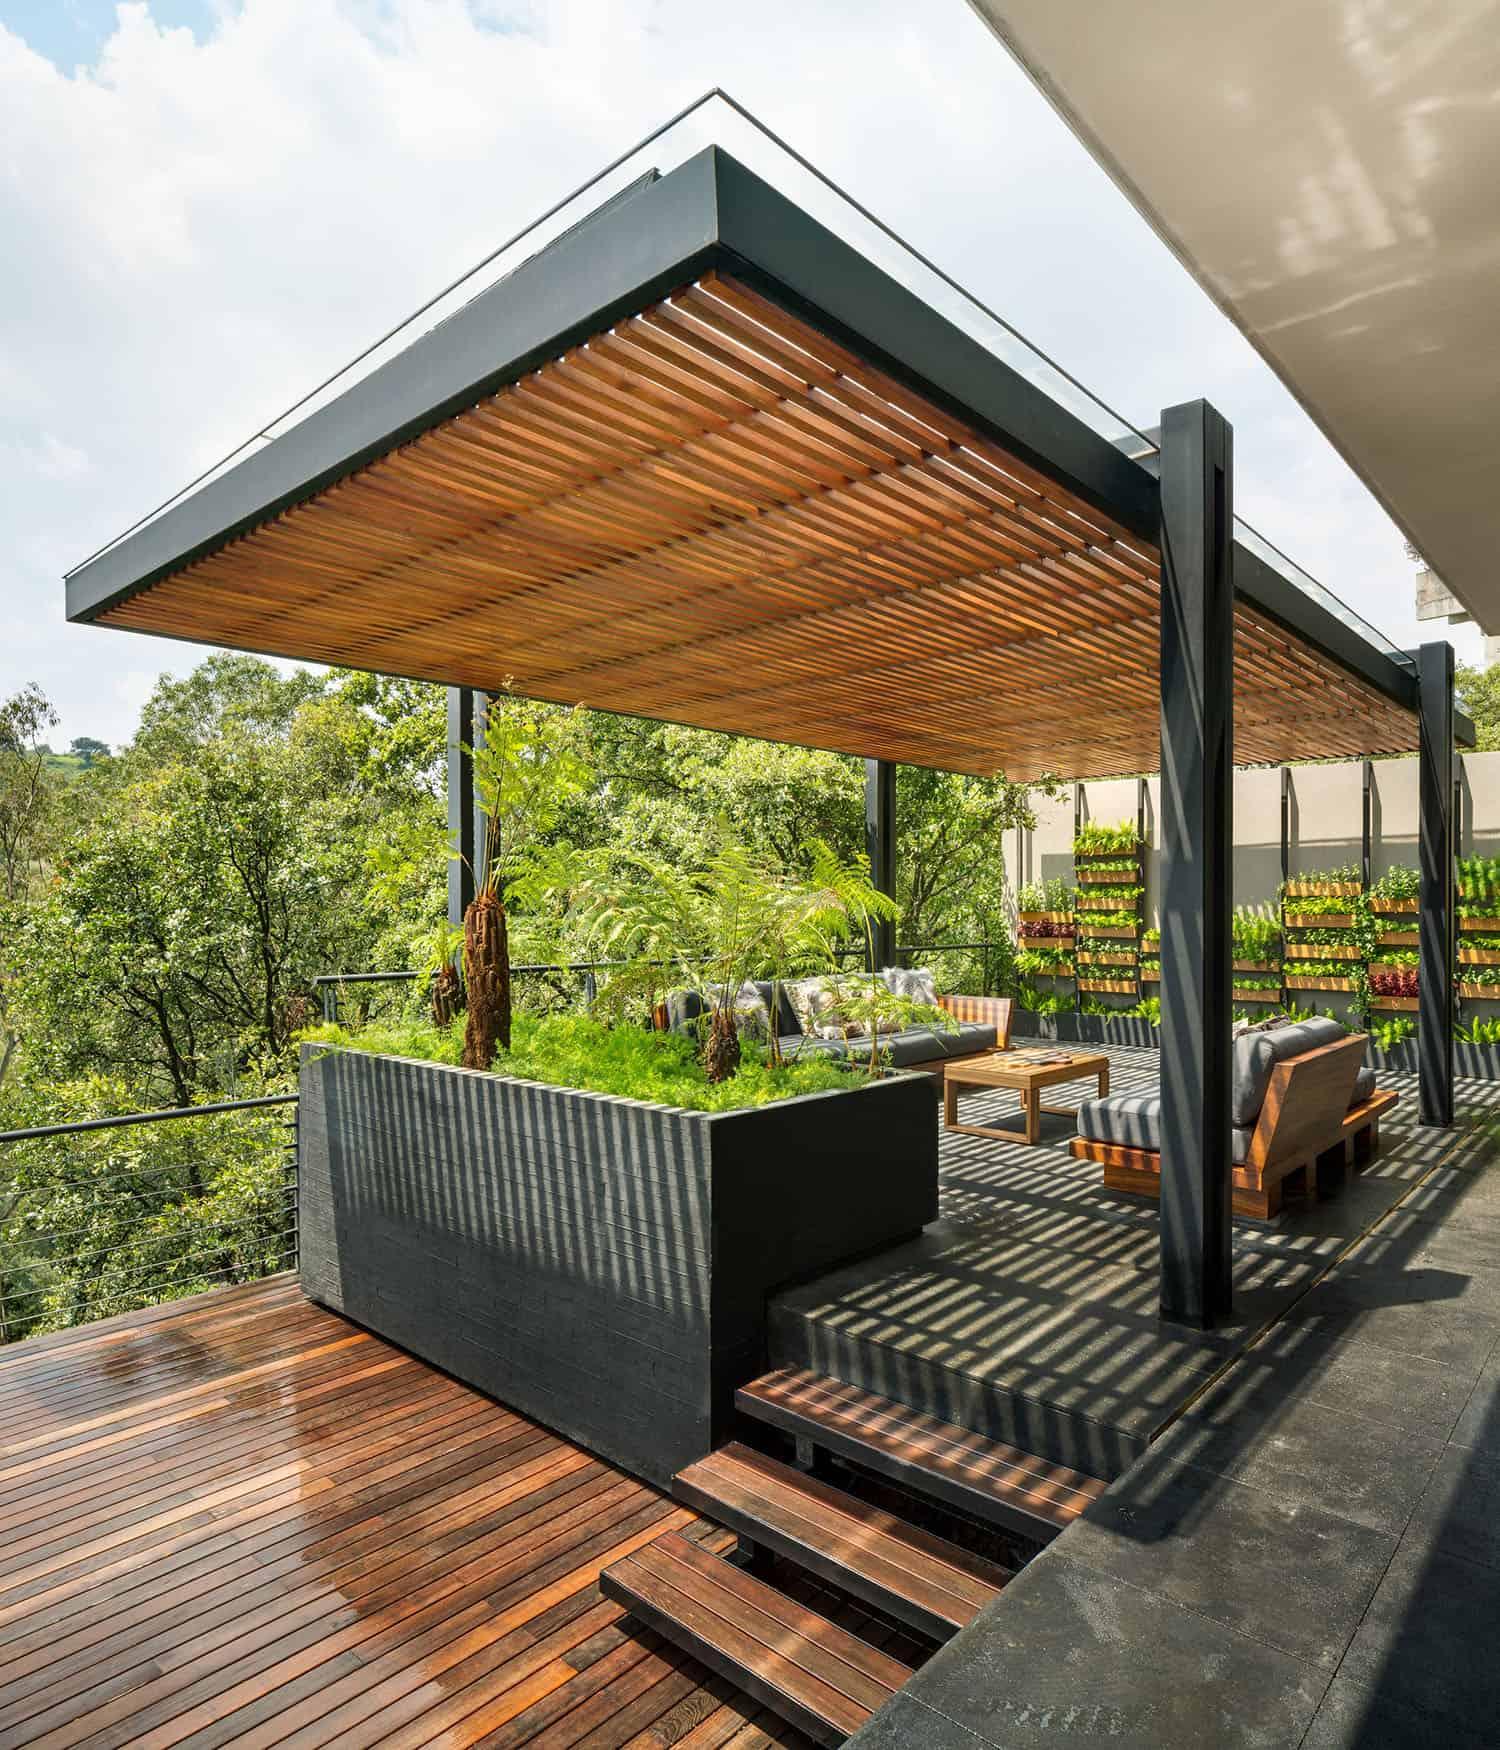 vertical-garden-design-with-a-pergola